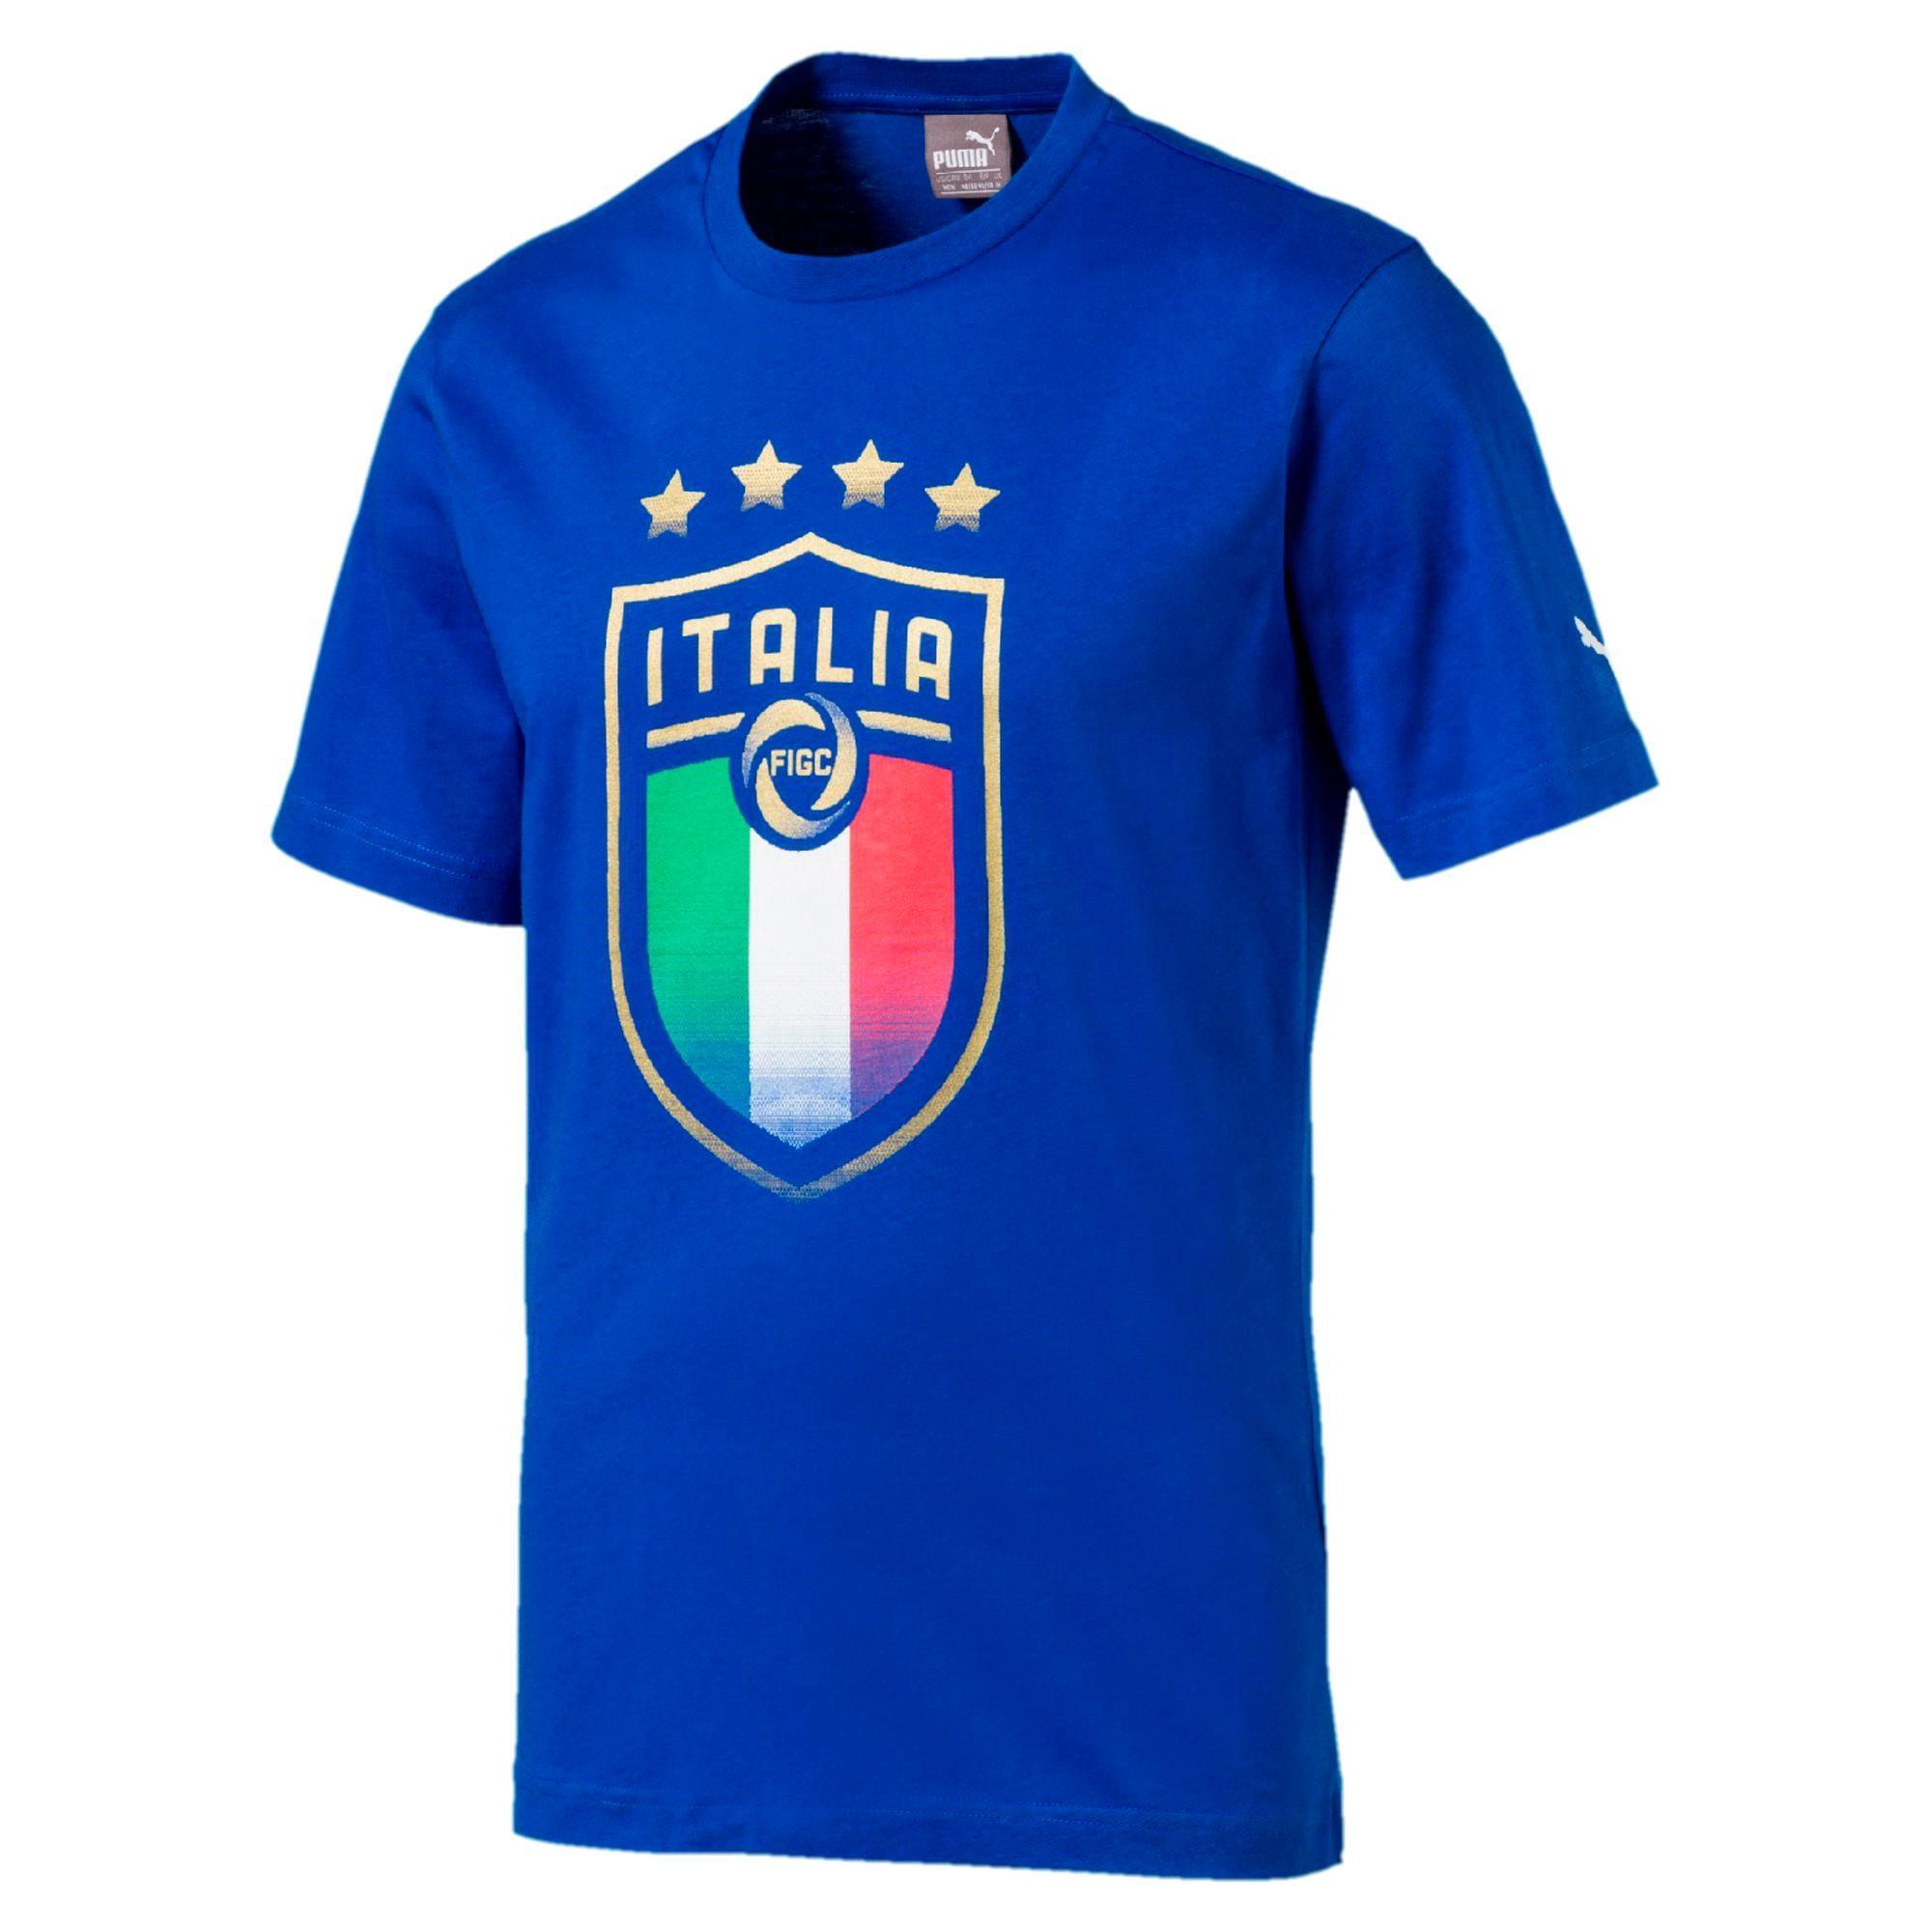 Puma T-shirt Figc Italia Badge Tee Italy Juniormode